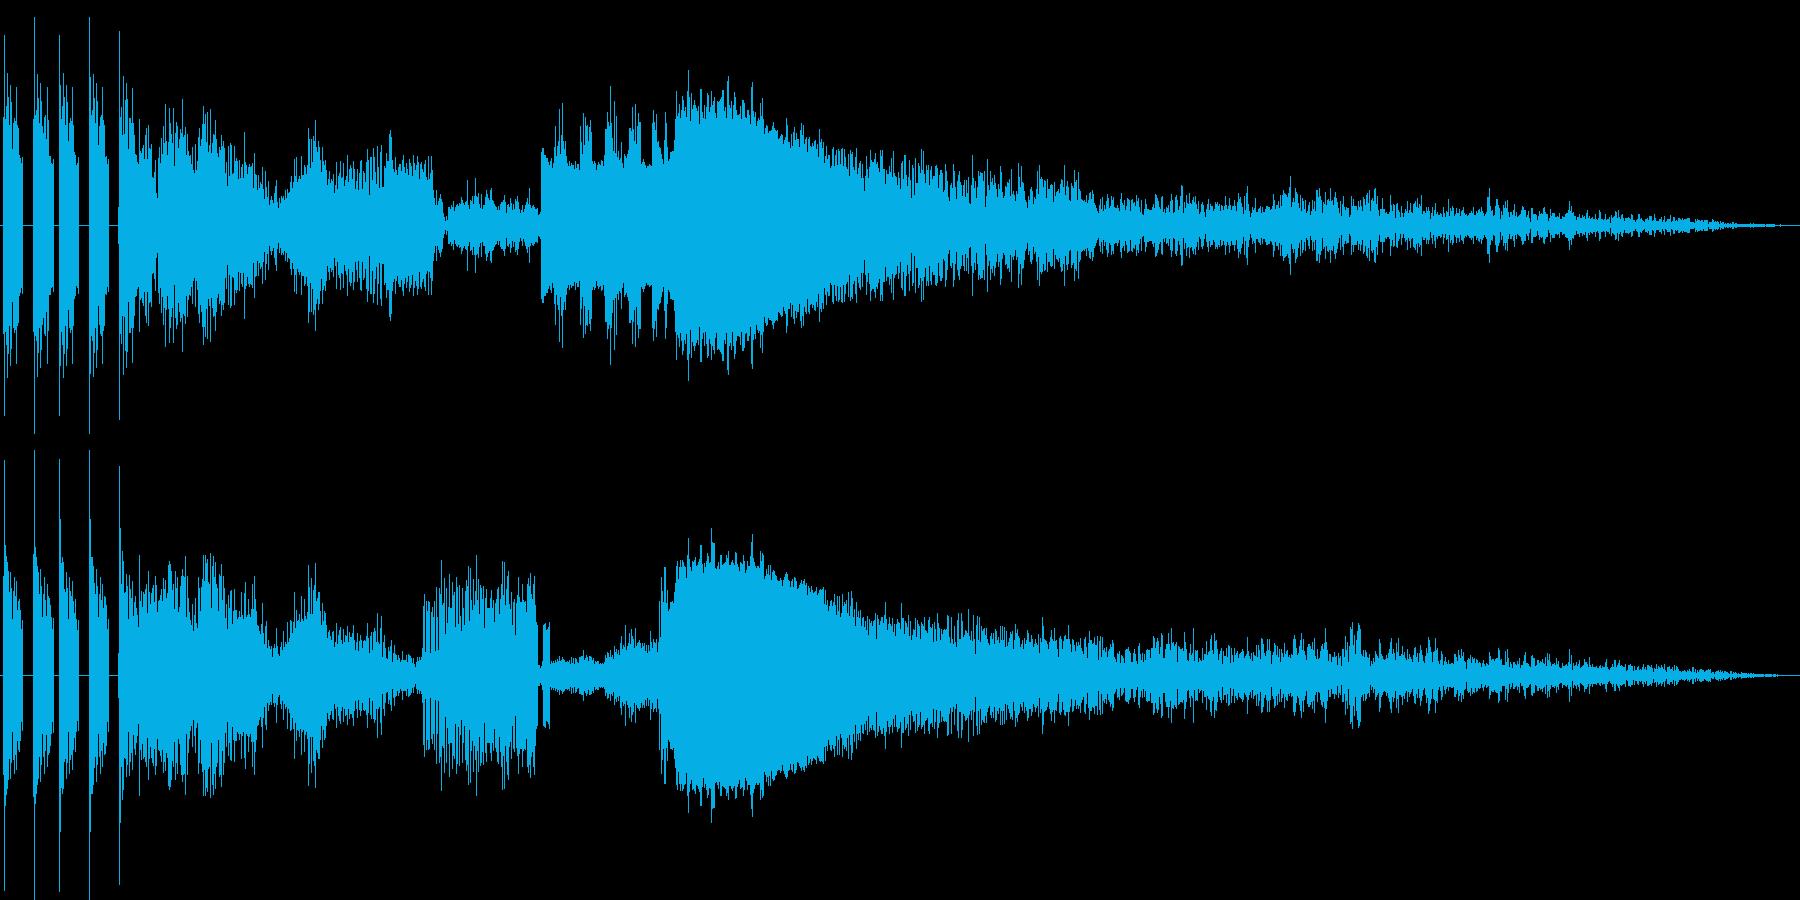 FMジングルキット 効果音の再生済みの波形